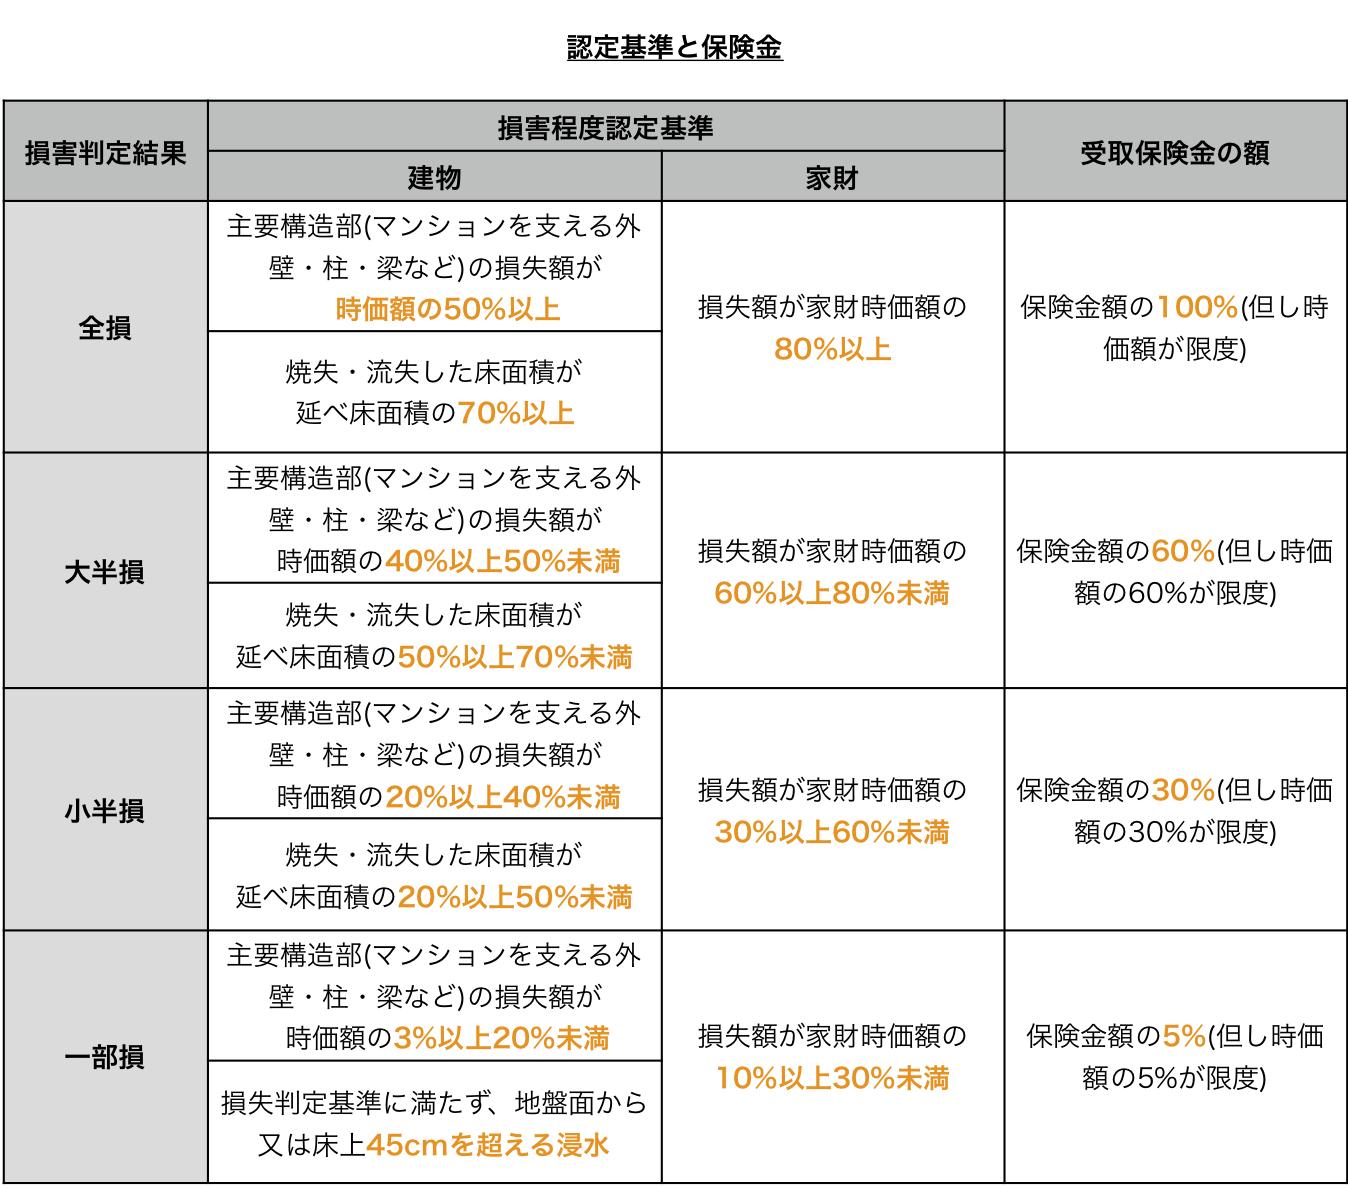 地震保険損害基準と支払金額一覧表